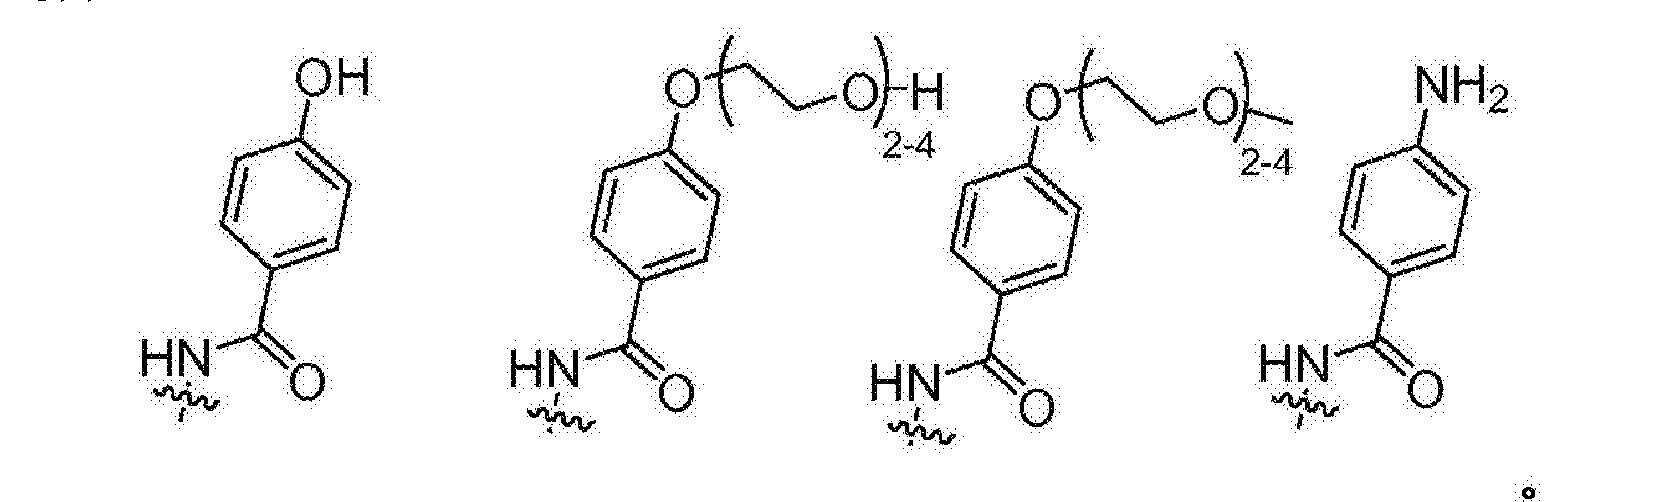 Figure CN105899237AC00023